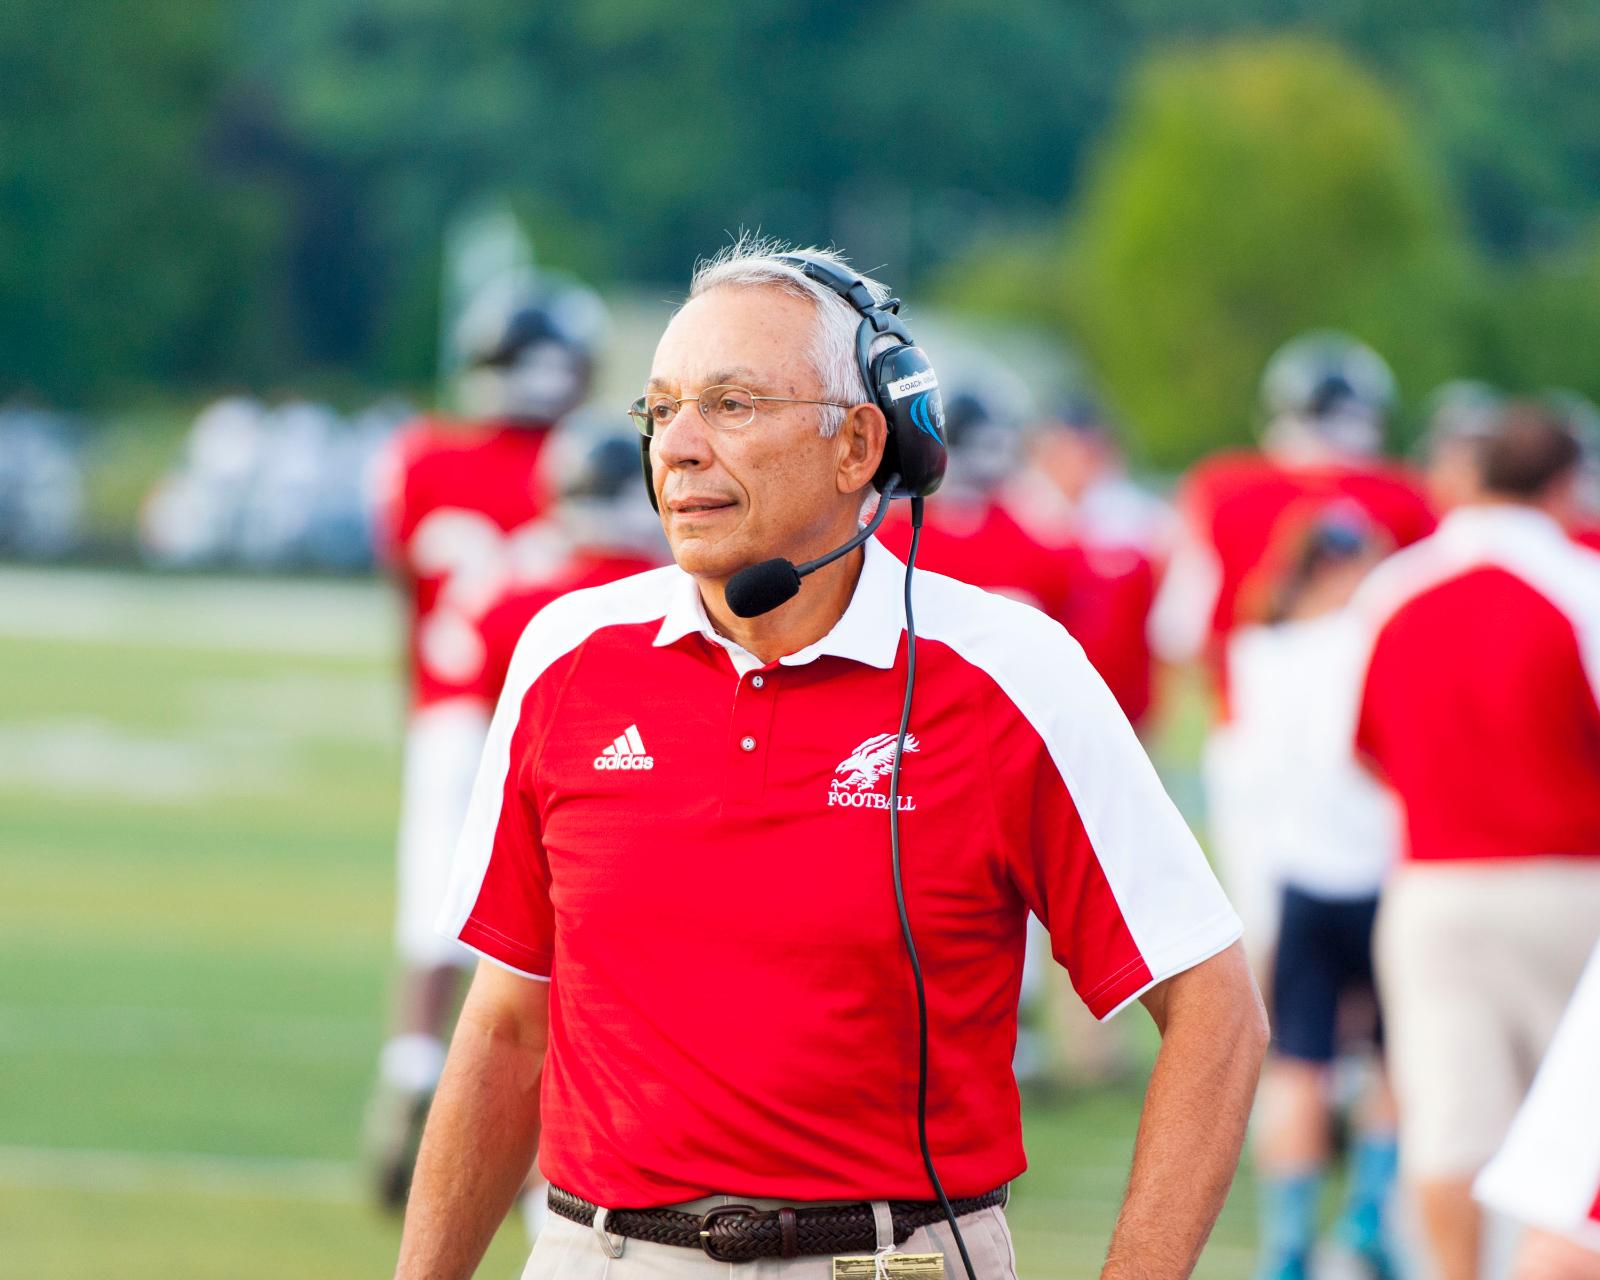 In memory of Coach Phil Annarella 1949-2019